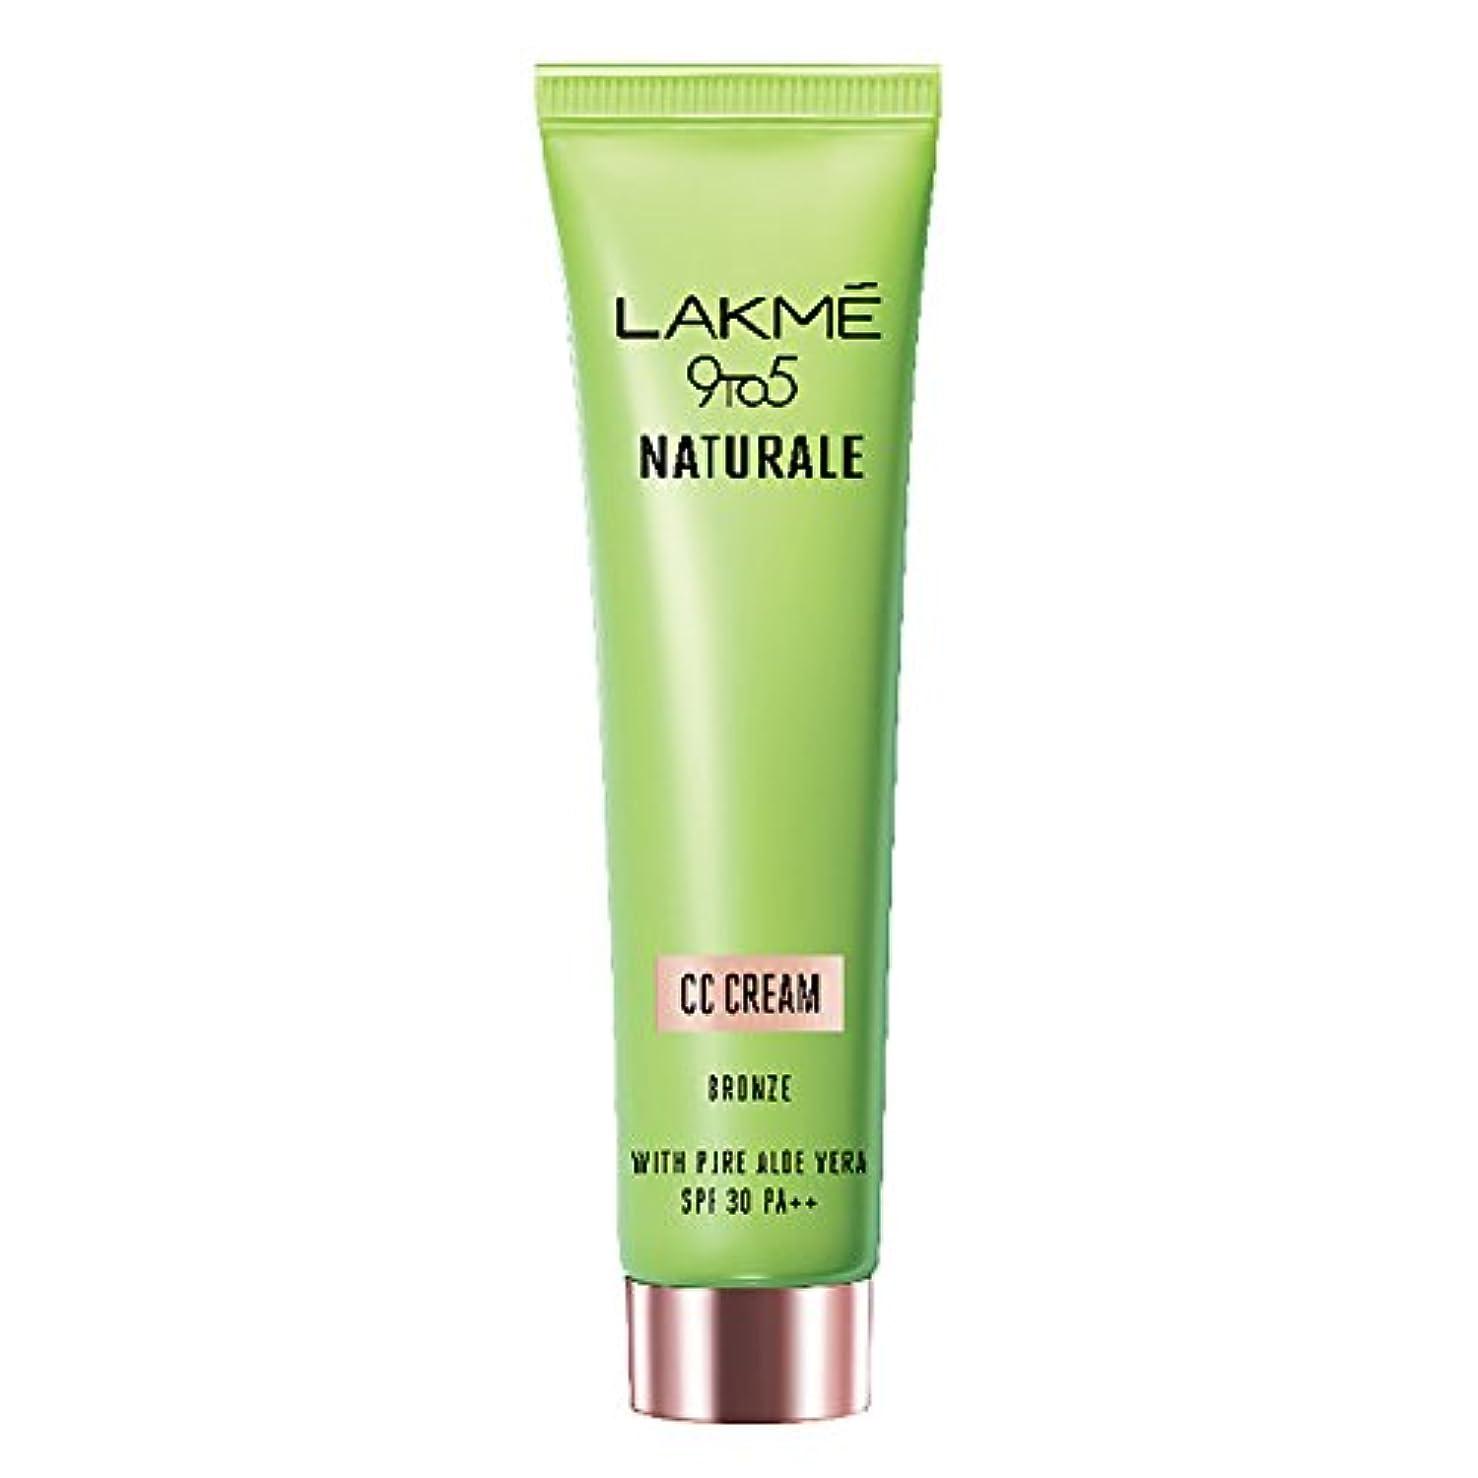 舌な選択する勉強するLakme 9 to 5 Naturale CC Cream, Bronze, 30g